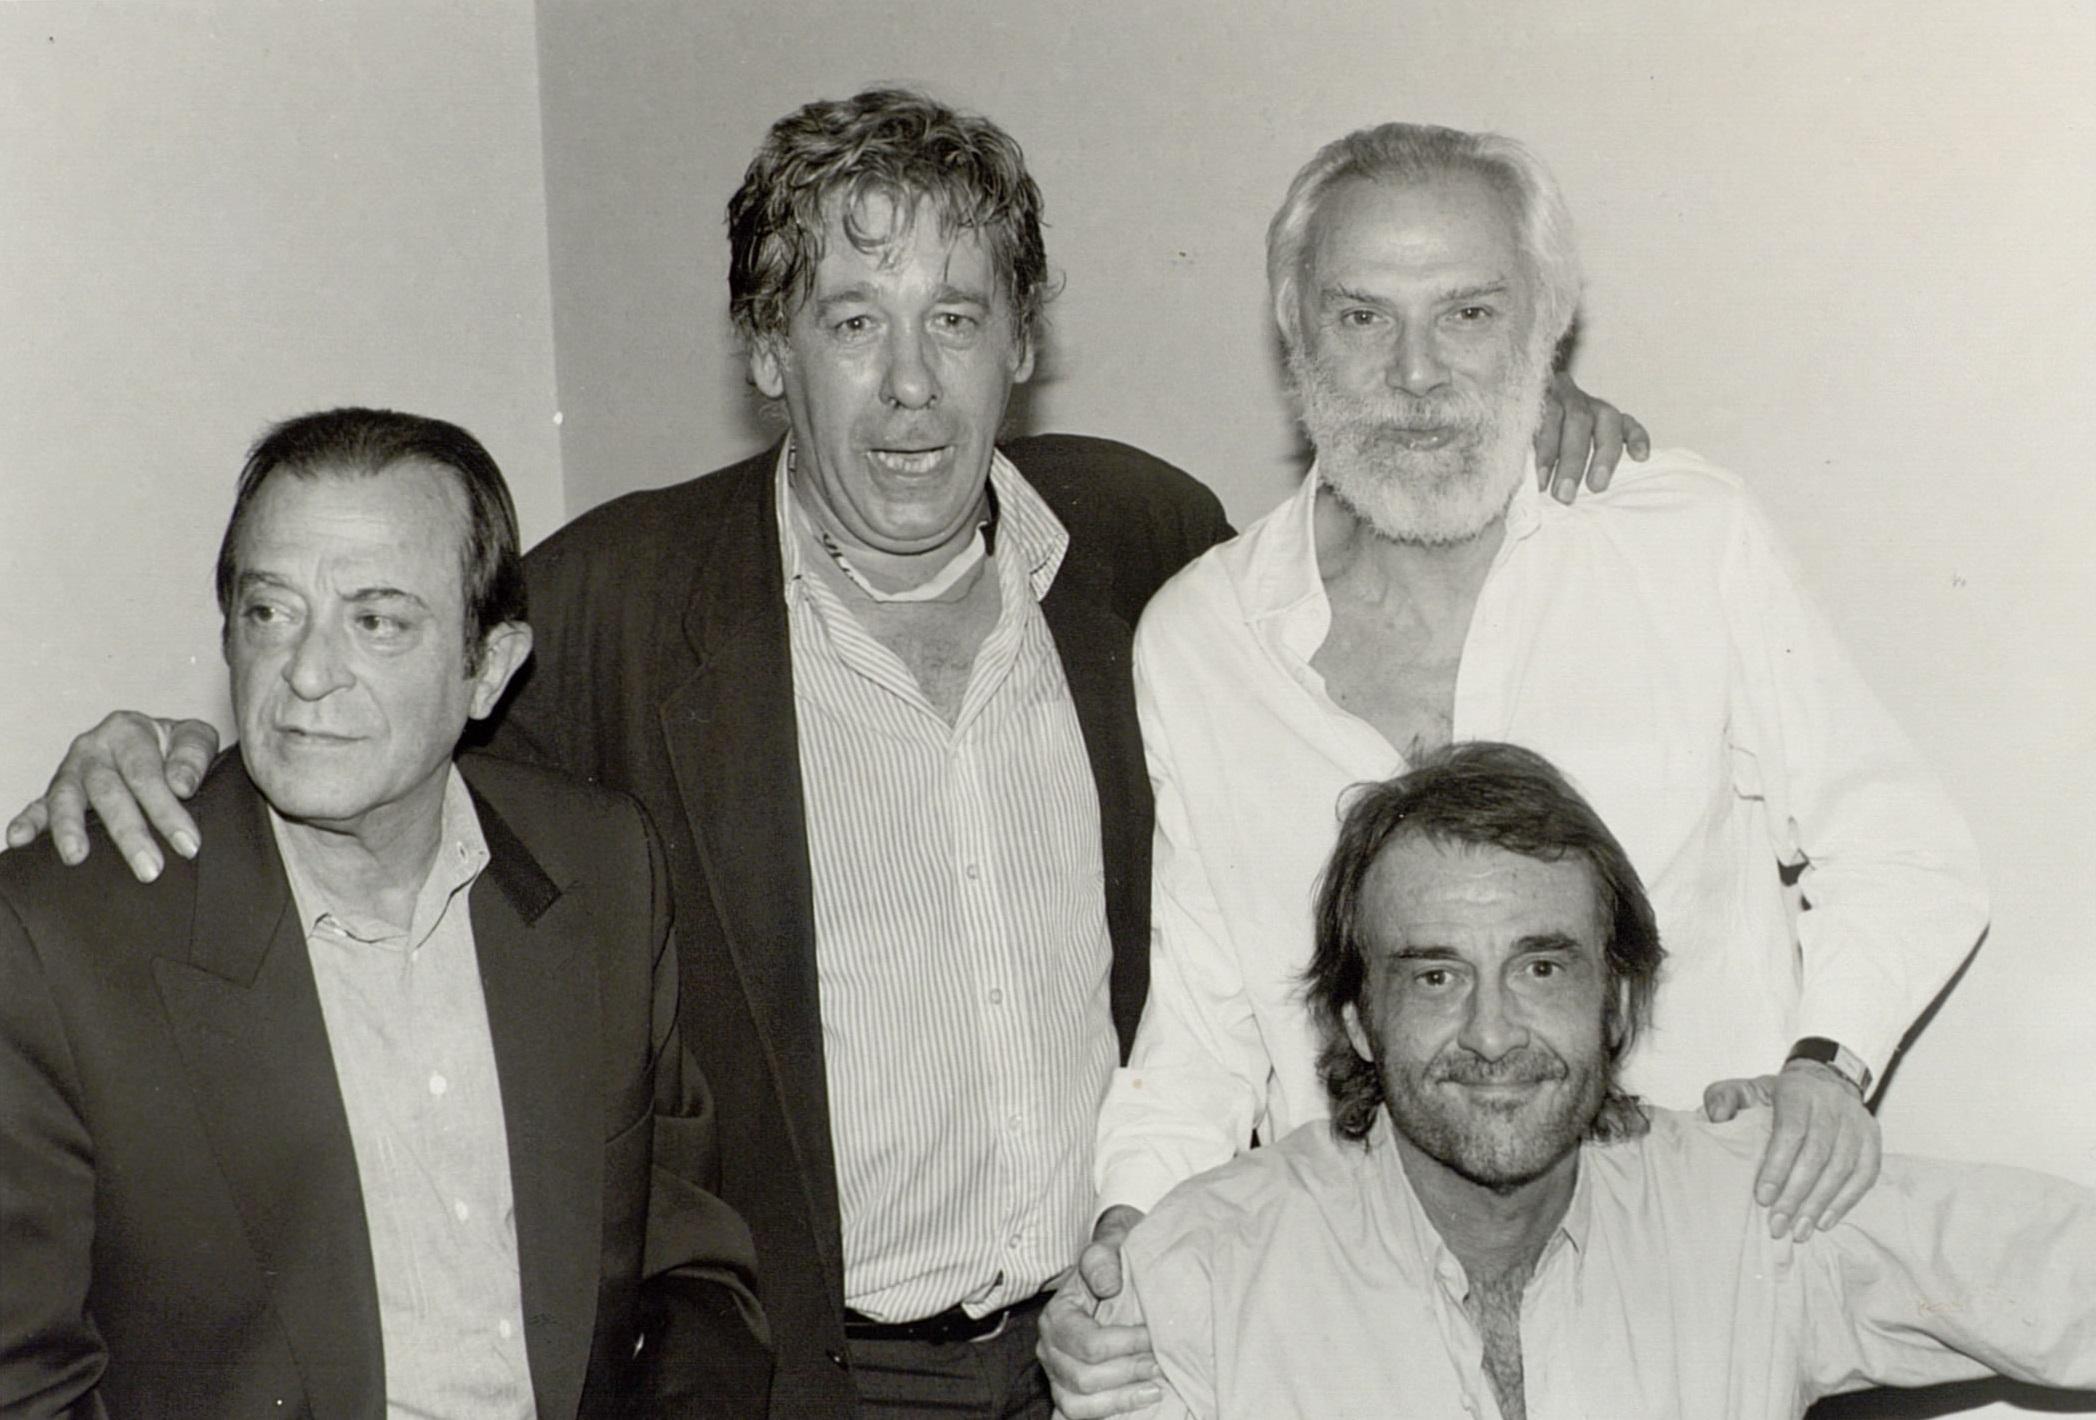 من اليسار إلى اليمين الشاعر الإسباني خوسيه غوتيسولو، باكو، الشاعر والمغني الفرنسي جورج موستاكي، المغني والشاعر الإسباني لويس آوت